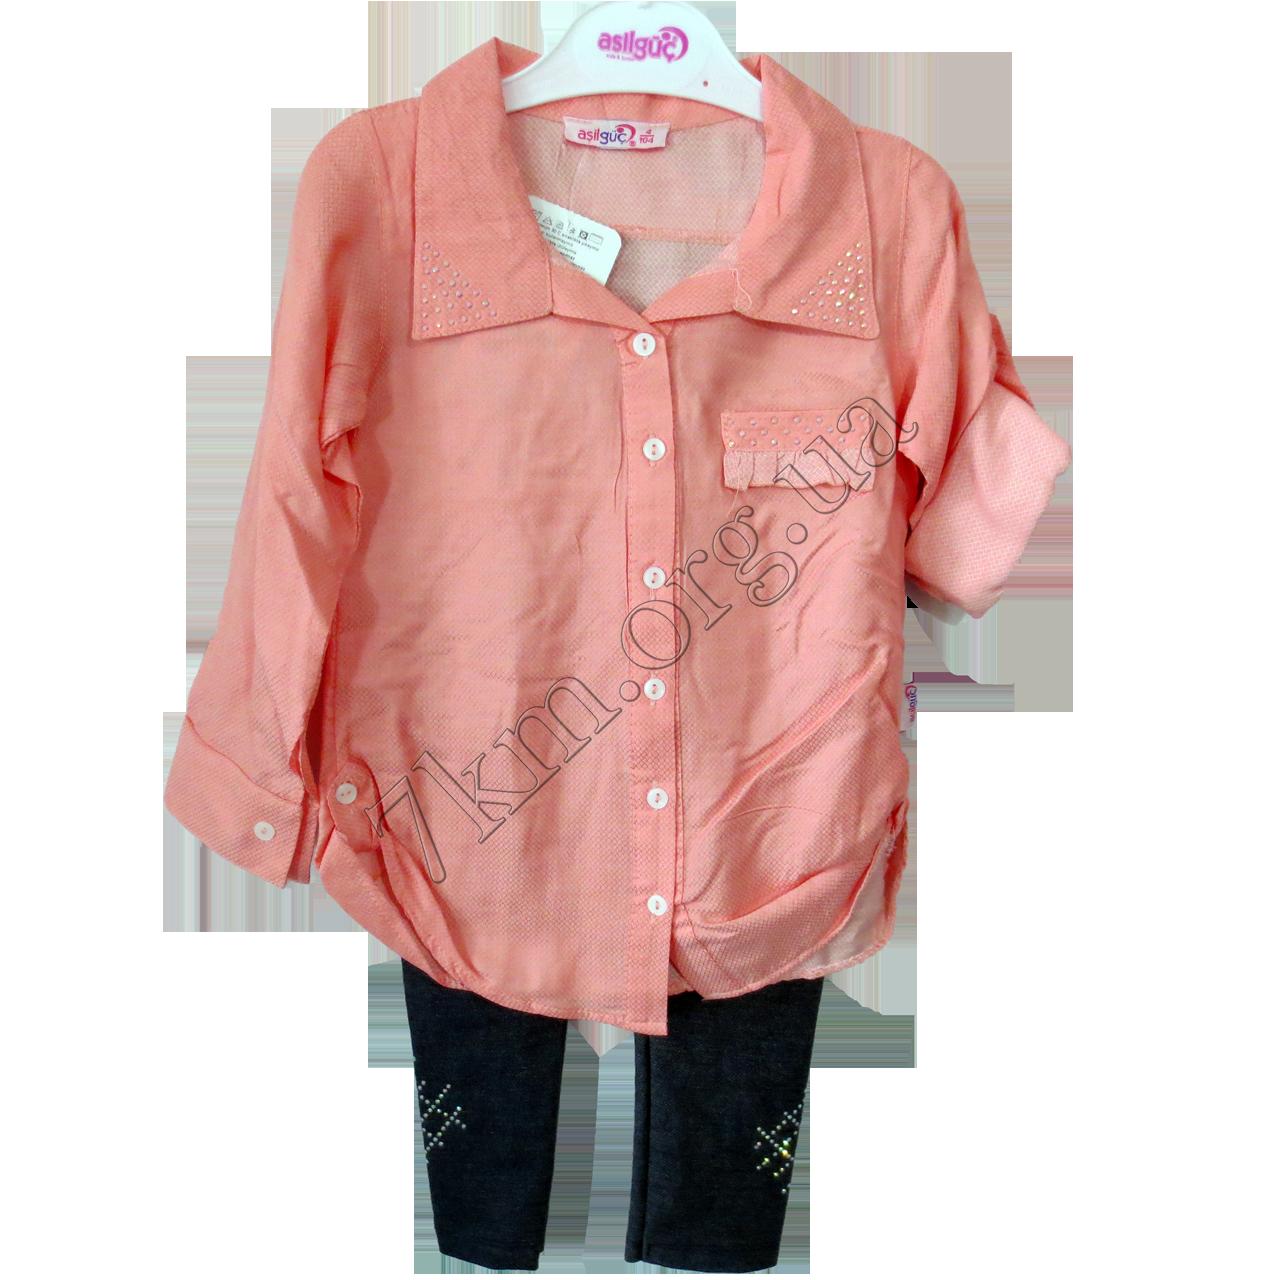 Набор детский для девочек 4-6 лет рубашка и лосины Пудра.  K:4848-2 Турция